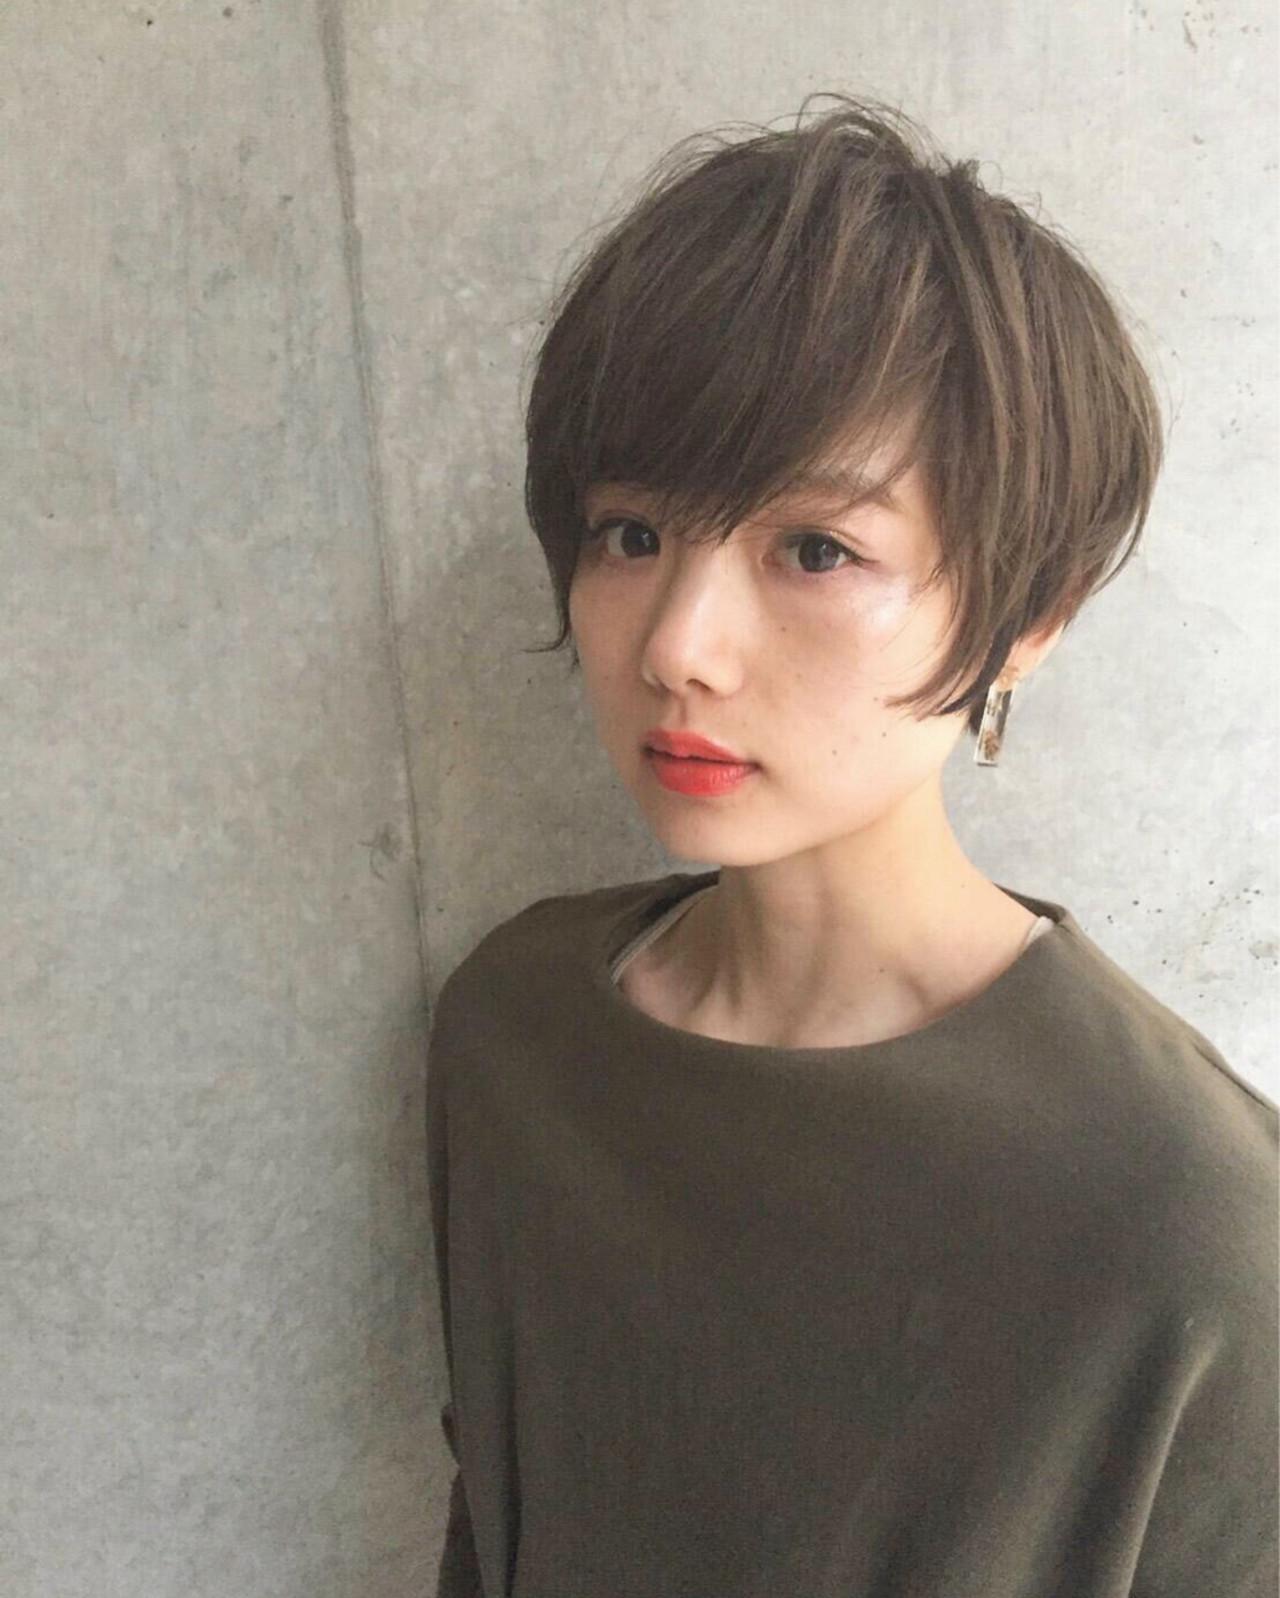 ハイライト 大人女子 小顔 ショート ヘアスタイルや髪型の写真・画像 | 前田賢太 HOULe 表参道 / HOULe